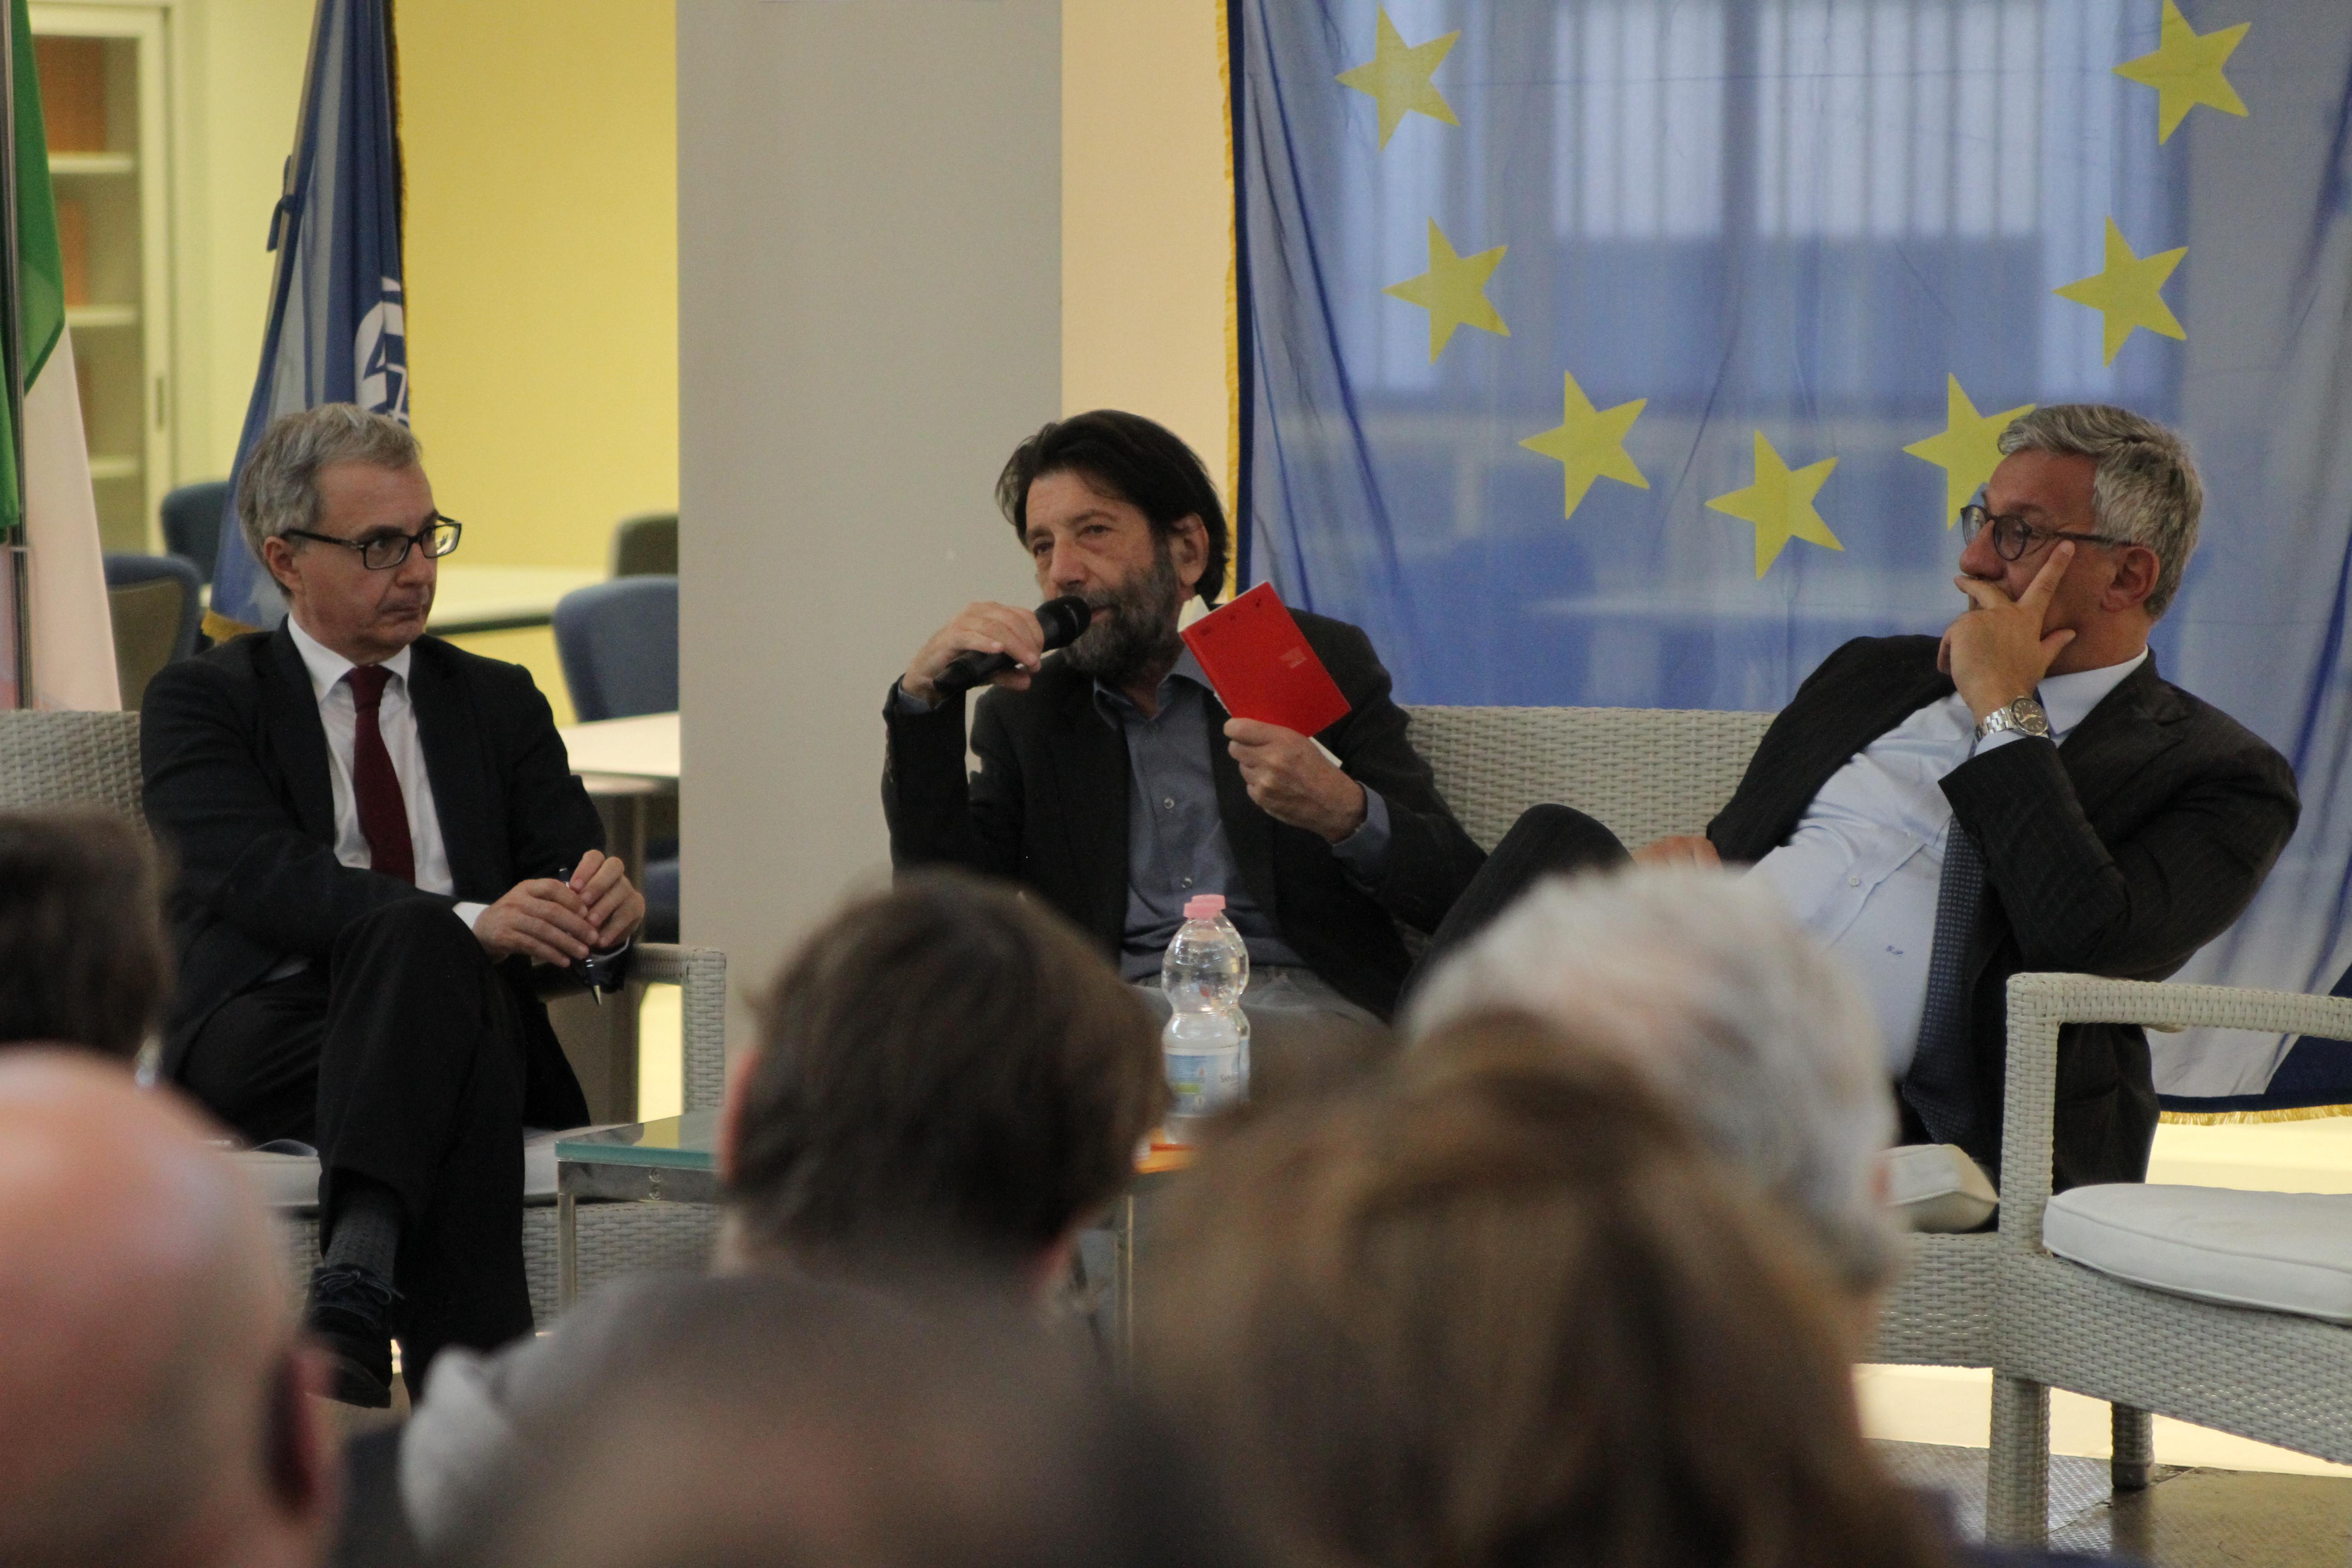 GFCG2743 EUROPA: INIZIO O FINE? LA LECTIO MAGISTRALIS CON MASSIMO CACCIARI, LA FOTOGALLERY